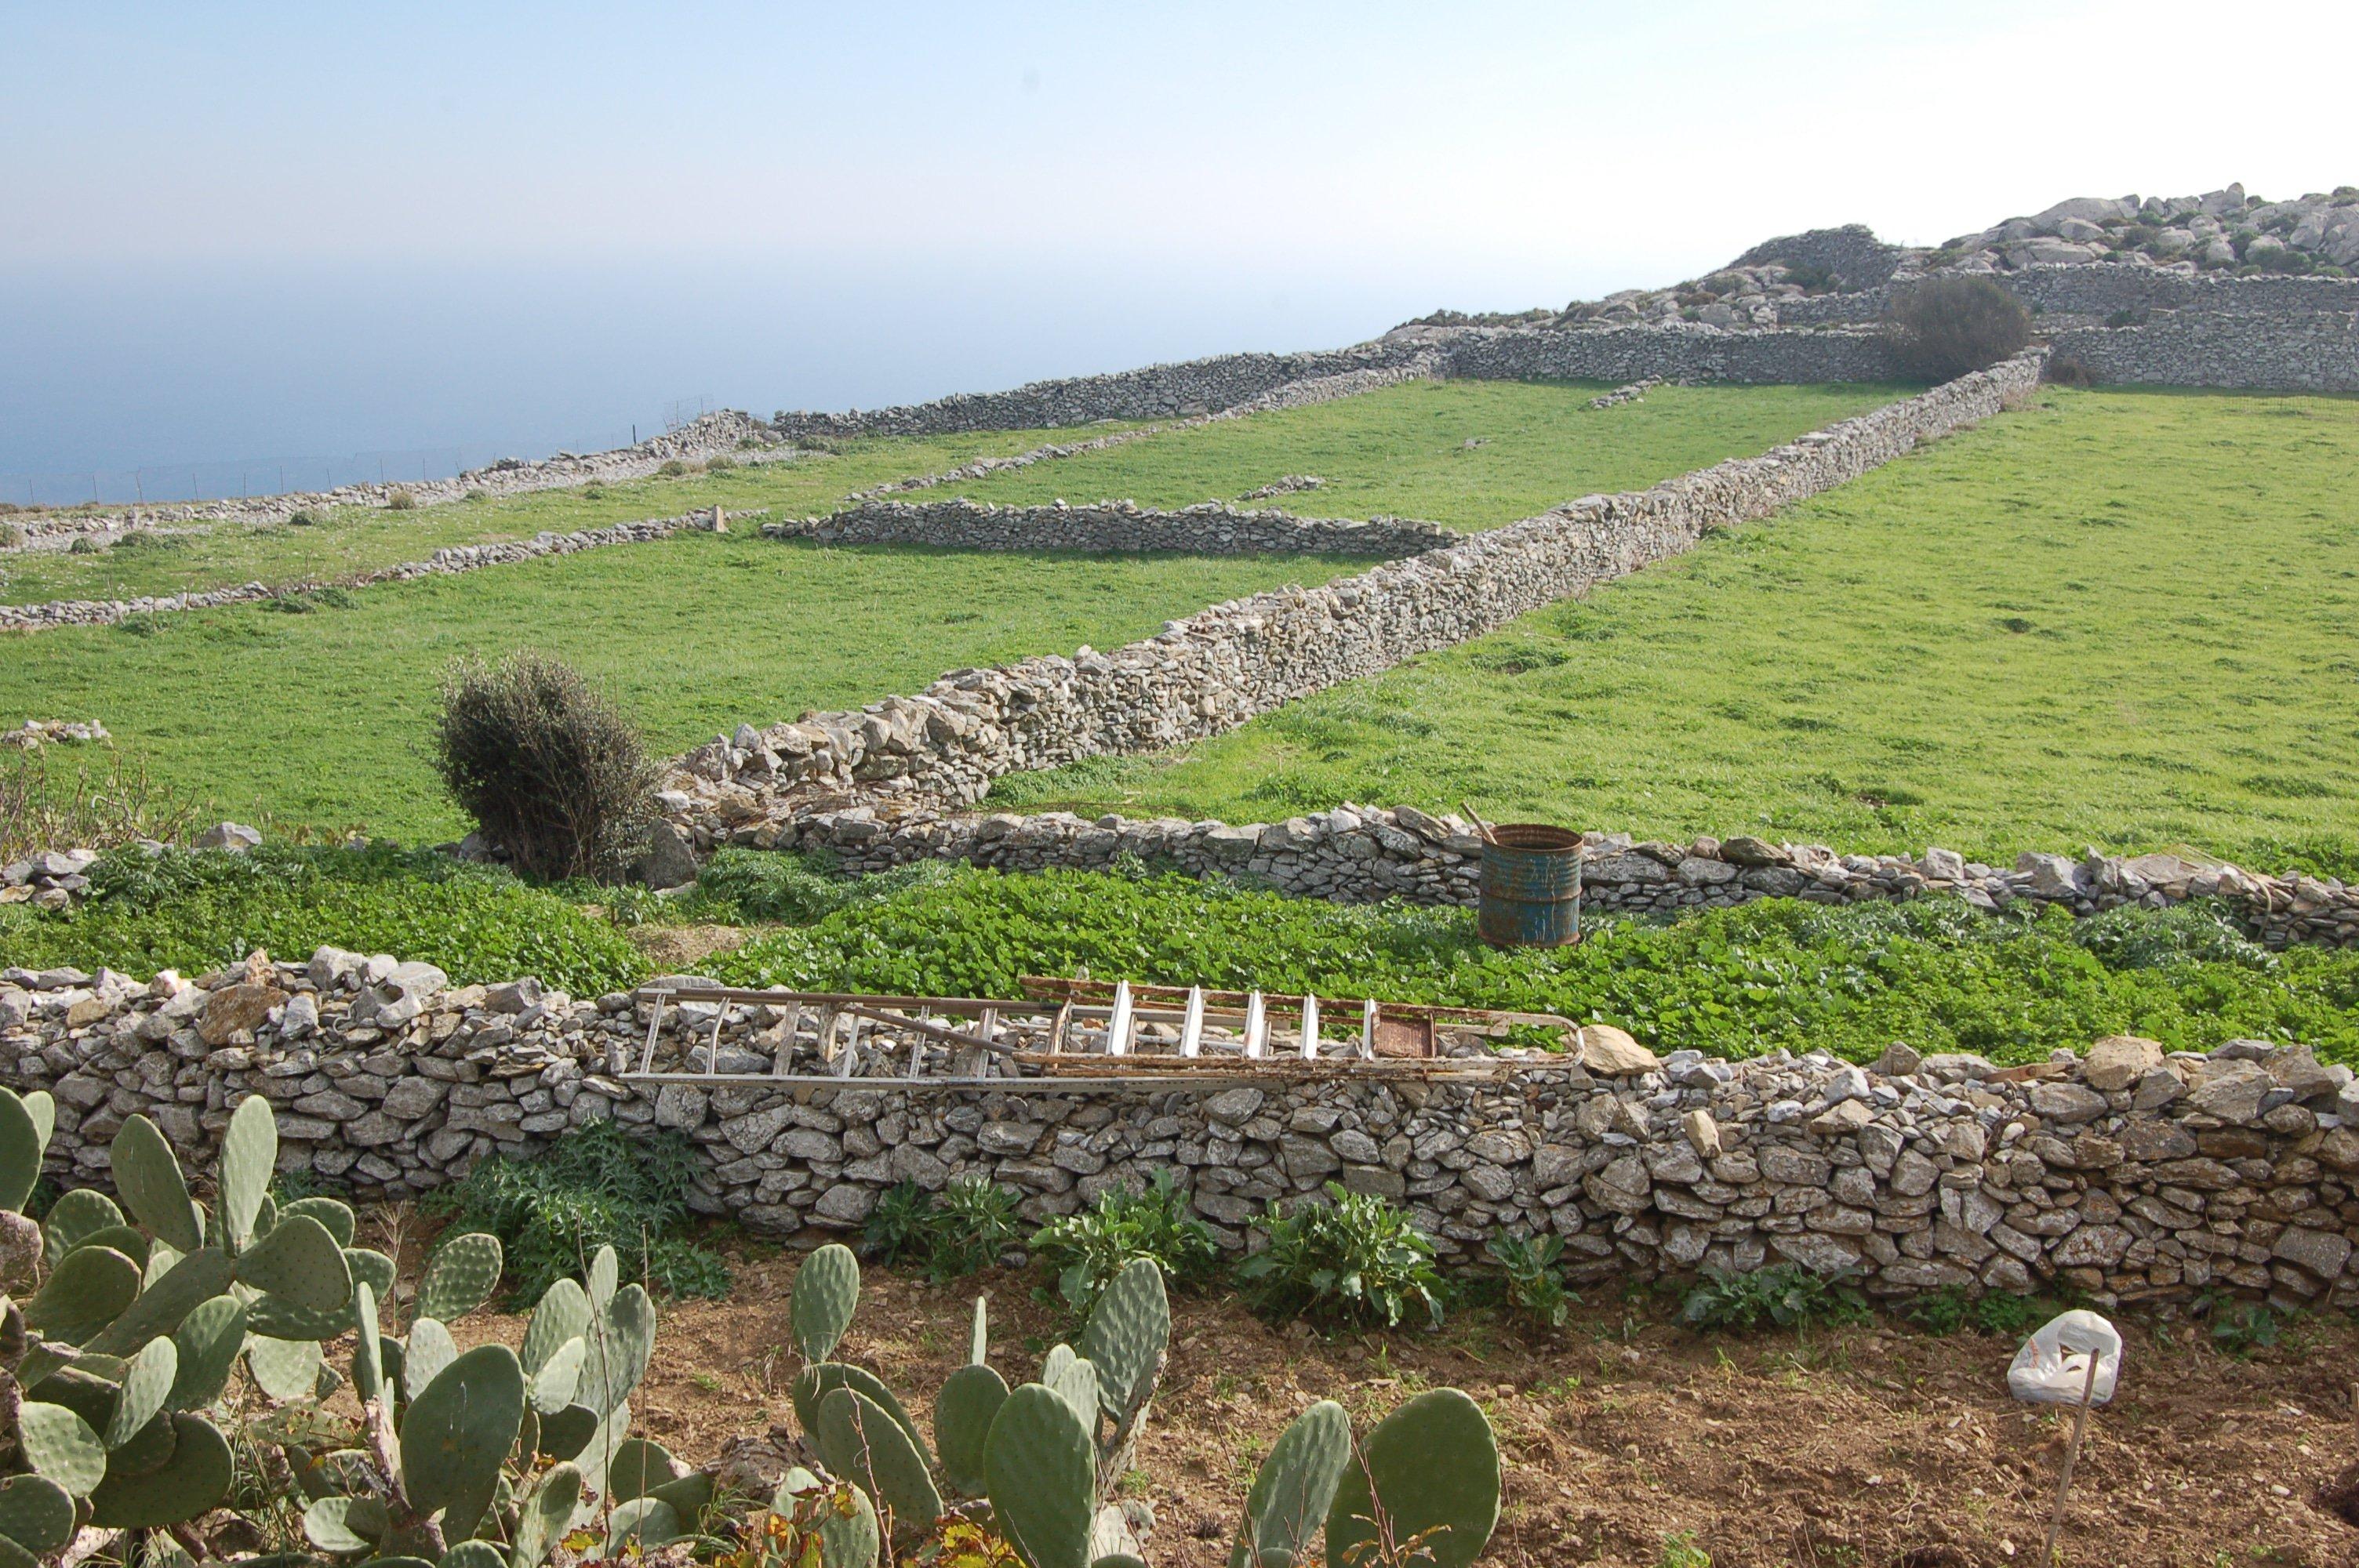 Champs et pâturages dans la campagne de l'île d'Amorgos, Grèce, 2009